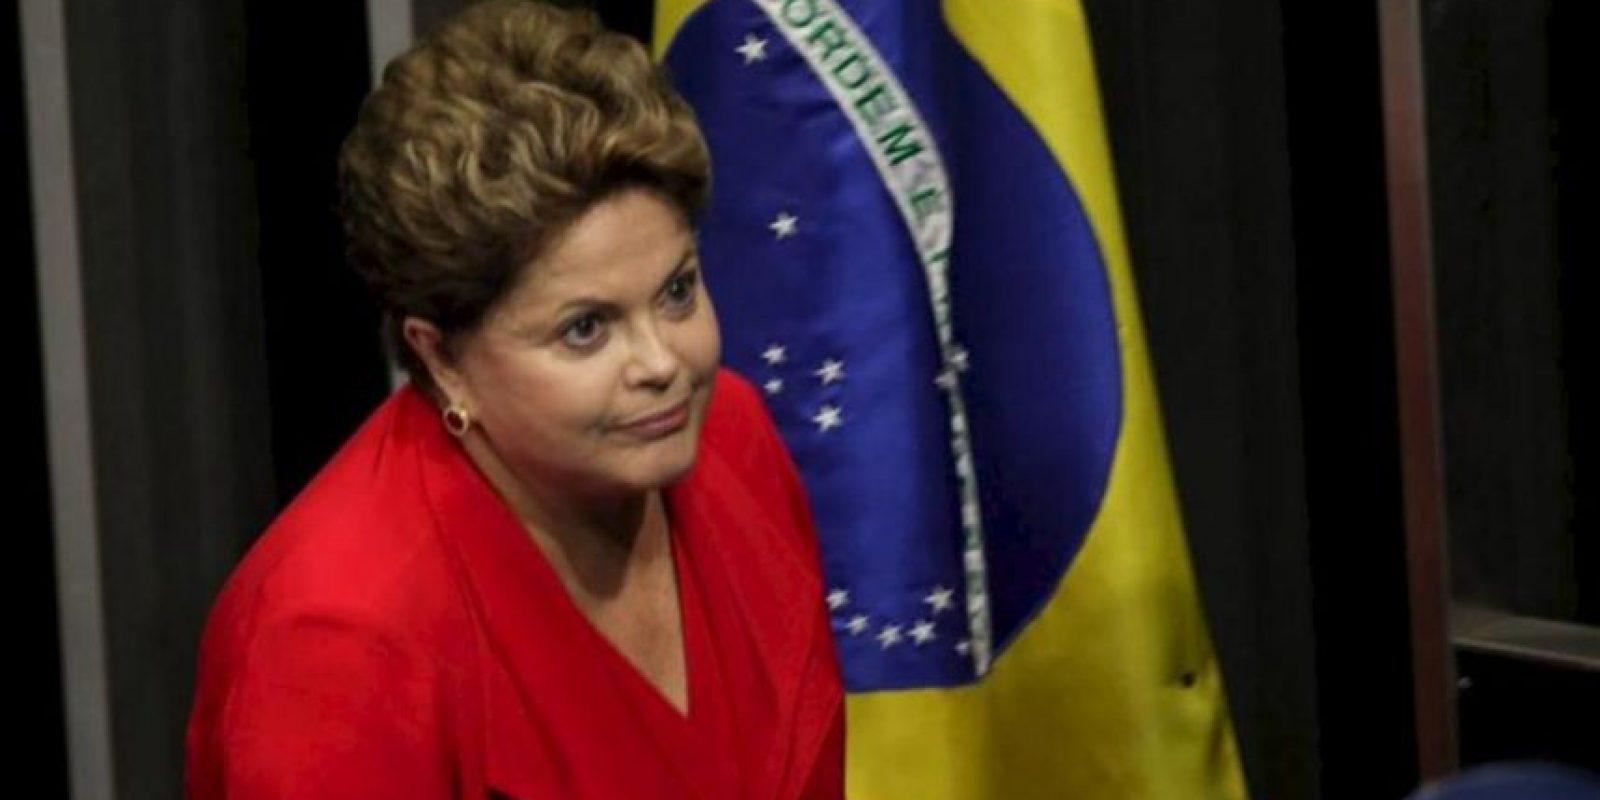 La presidenta de Brasil, Dilma Rousseff, participa este martes 27 de agosto de 2013, durante una sesión solemne en el Congreso brasileño en Brasilia (Brasil), en el que se entregó el informe final de la Comisión Parlamentaria Mixta de Investigación (CPMI), encargada de investigar los casos de violencia contra las mujeres en este país. EFE